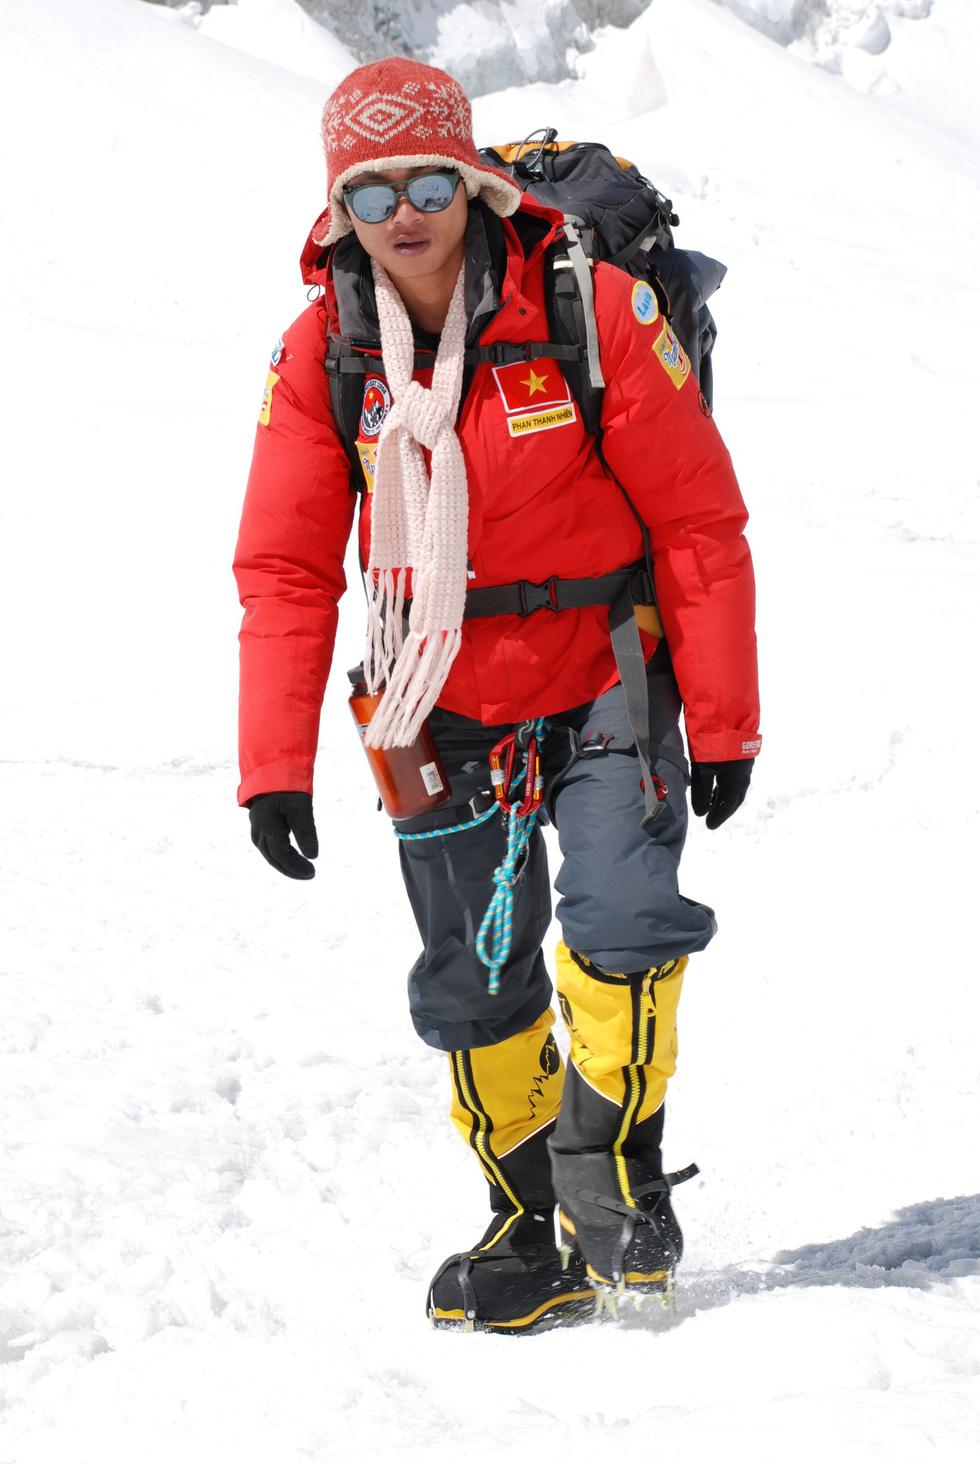 Người Việt Nam trẻ tuổi nhất chinh phục Everest thi chạy 42km ở Bắc cực - Ảnh 4.